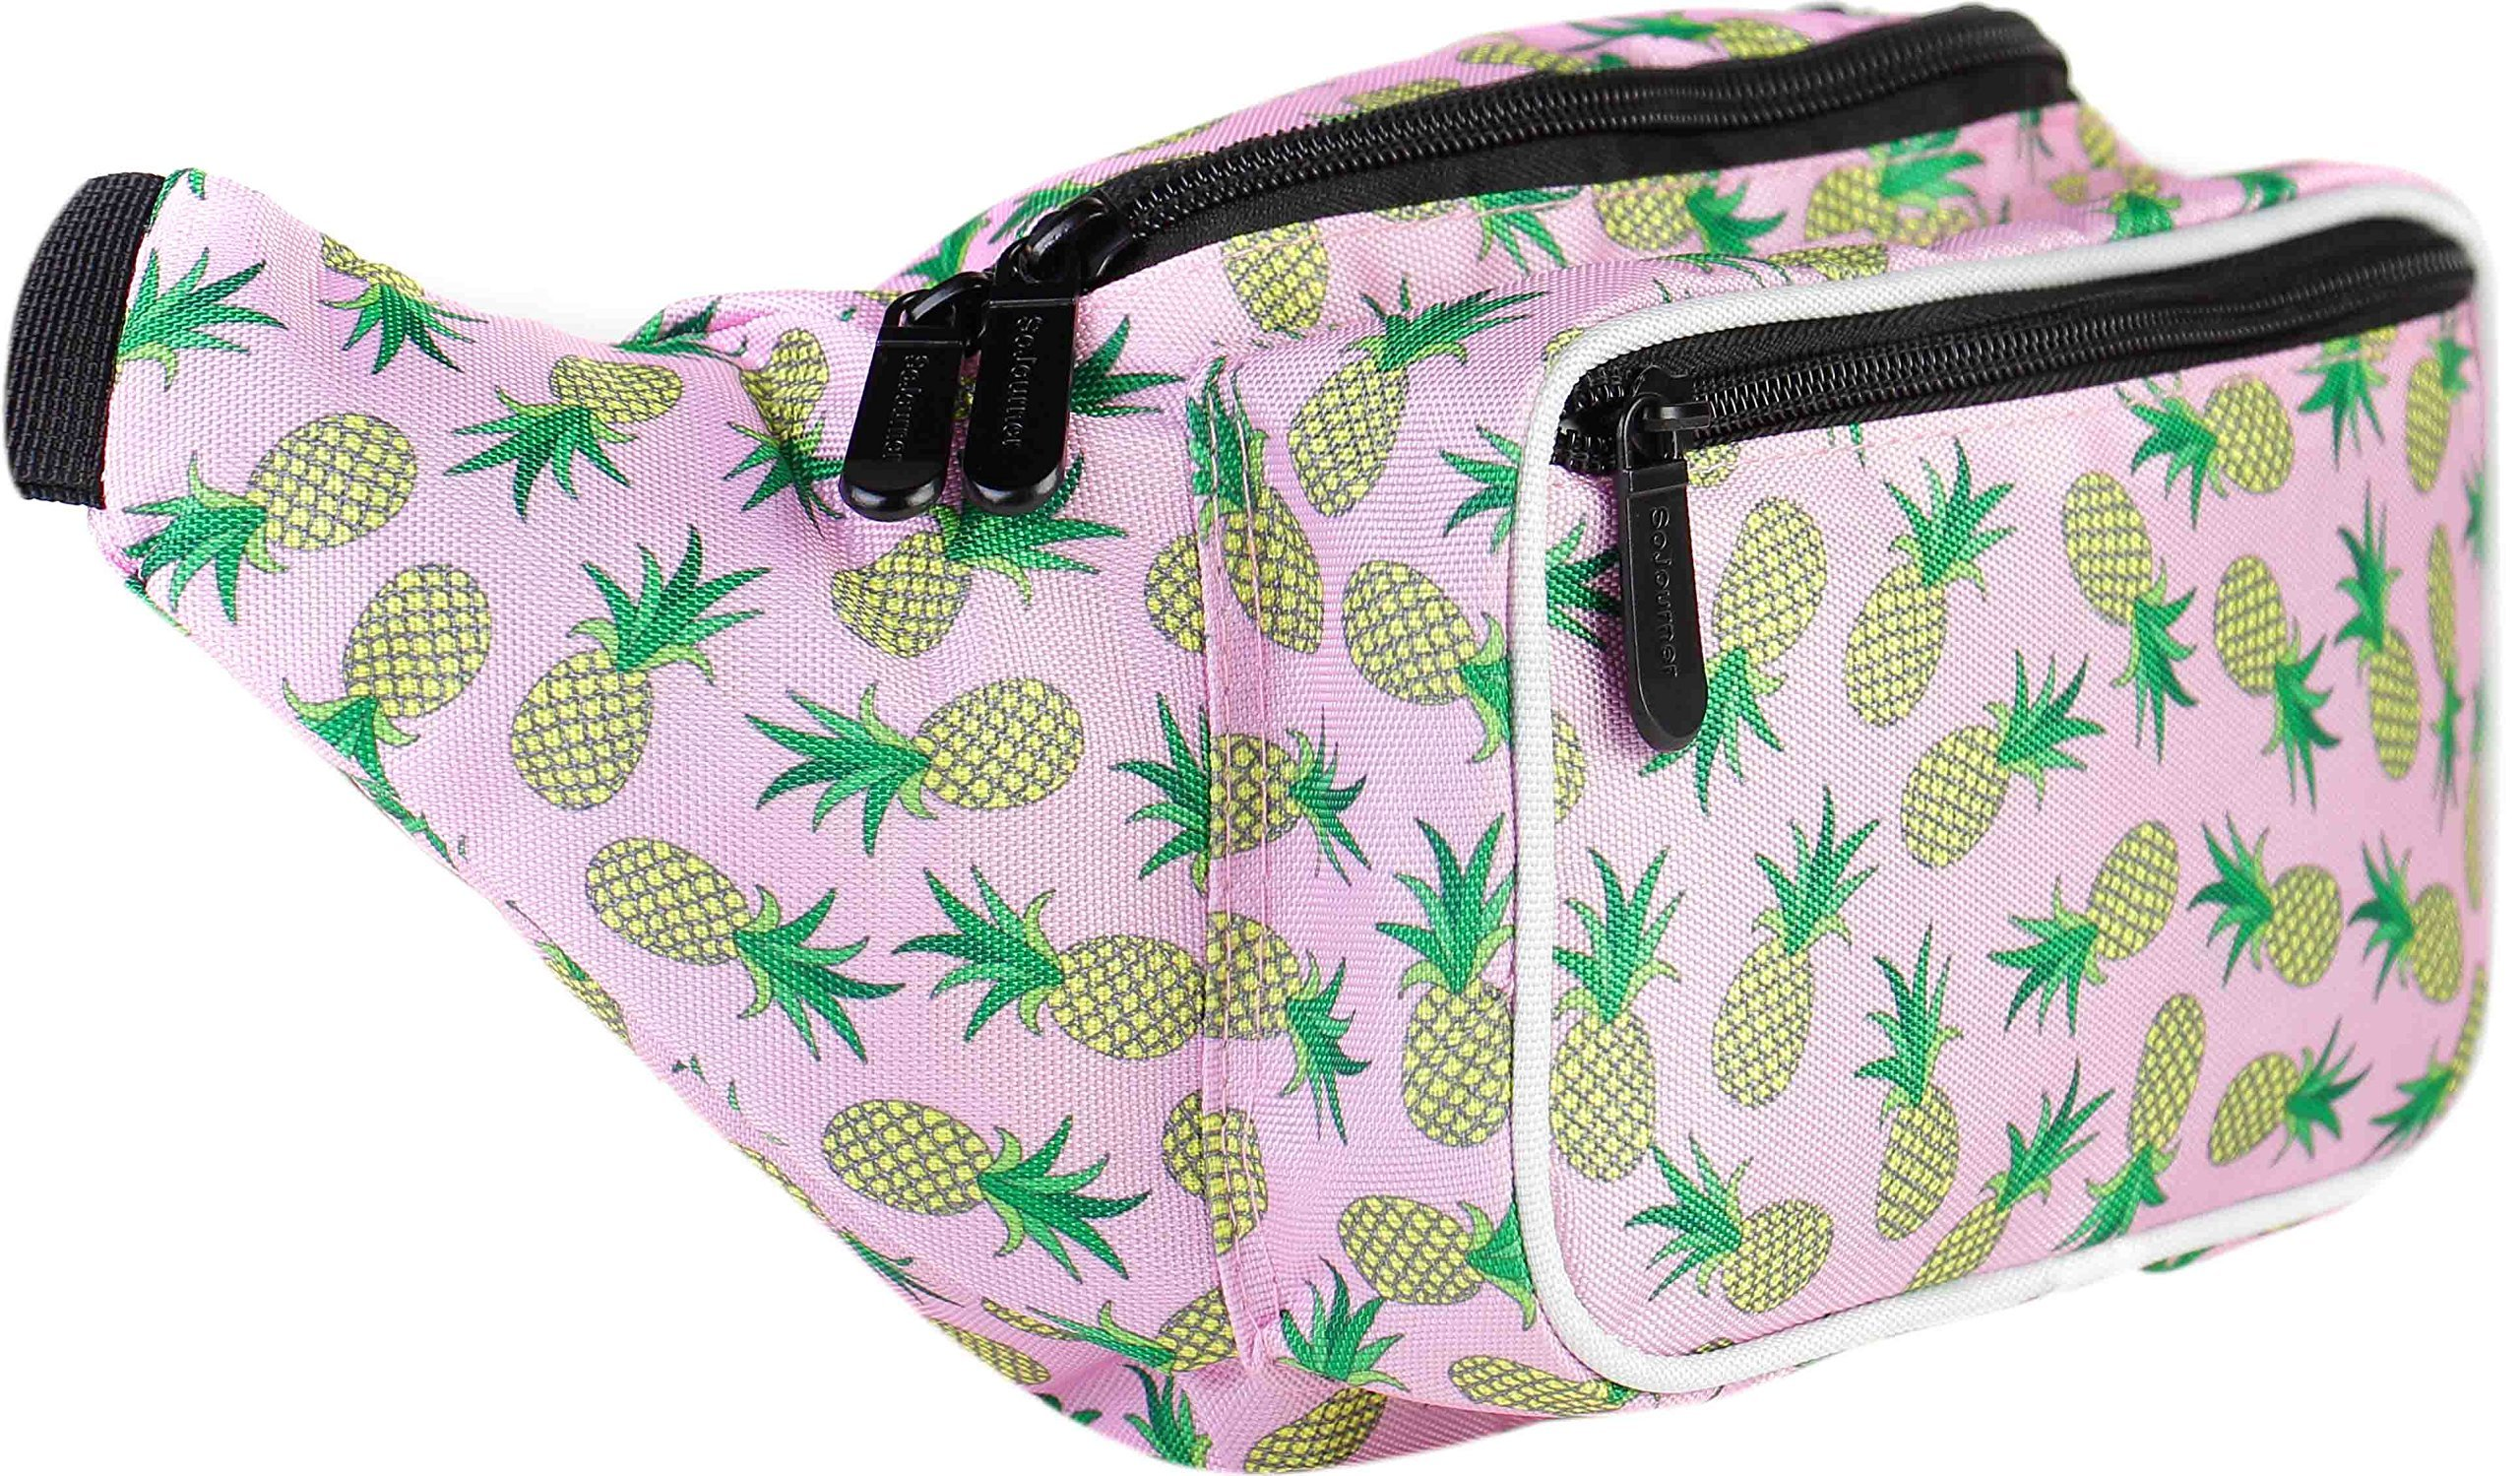 SoJourner Pineapple Fanny Pack - Cute Packs for men, women festivals raves | Waist Bag Fashion Belt Bags